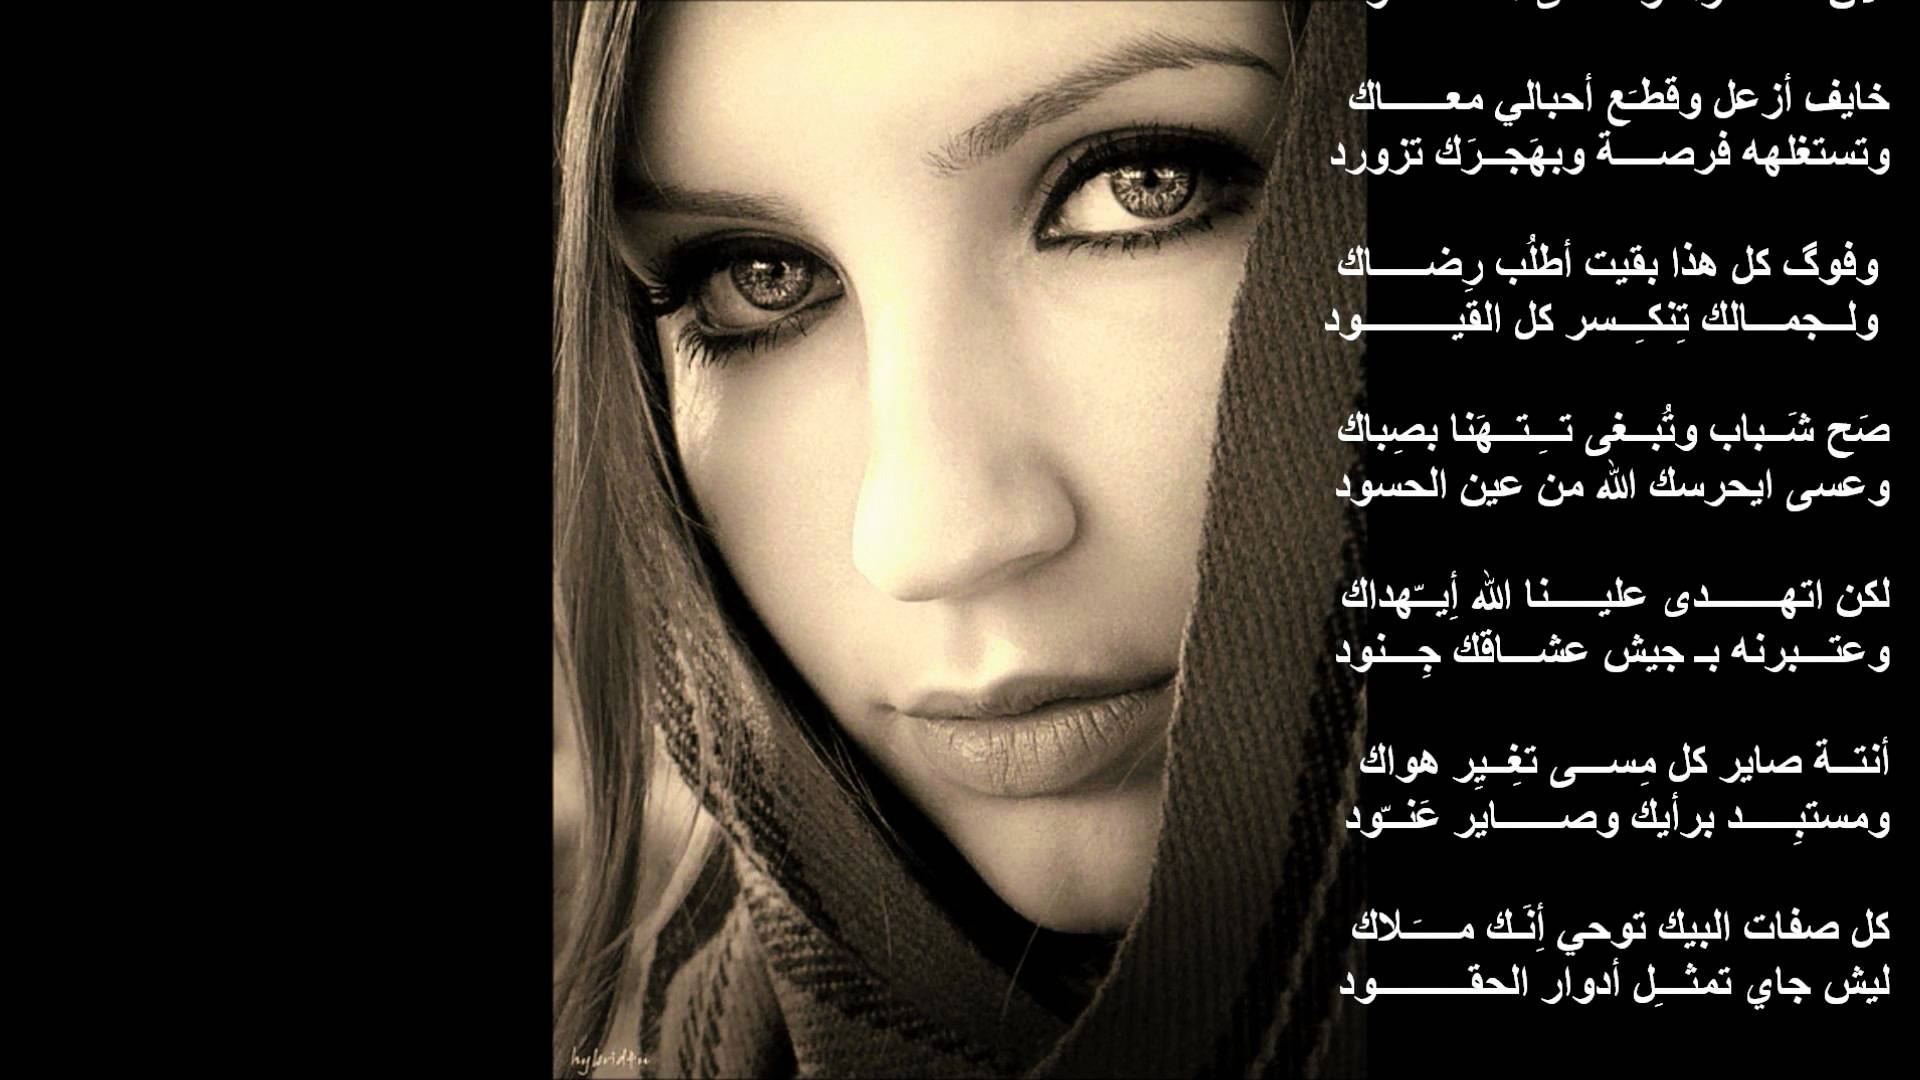 صورة شعر غزل عراقي , شاهد اجمل الابيات الشعرية فى الغزل